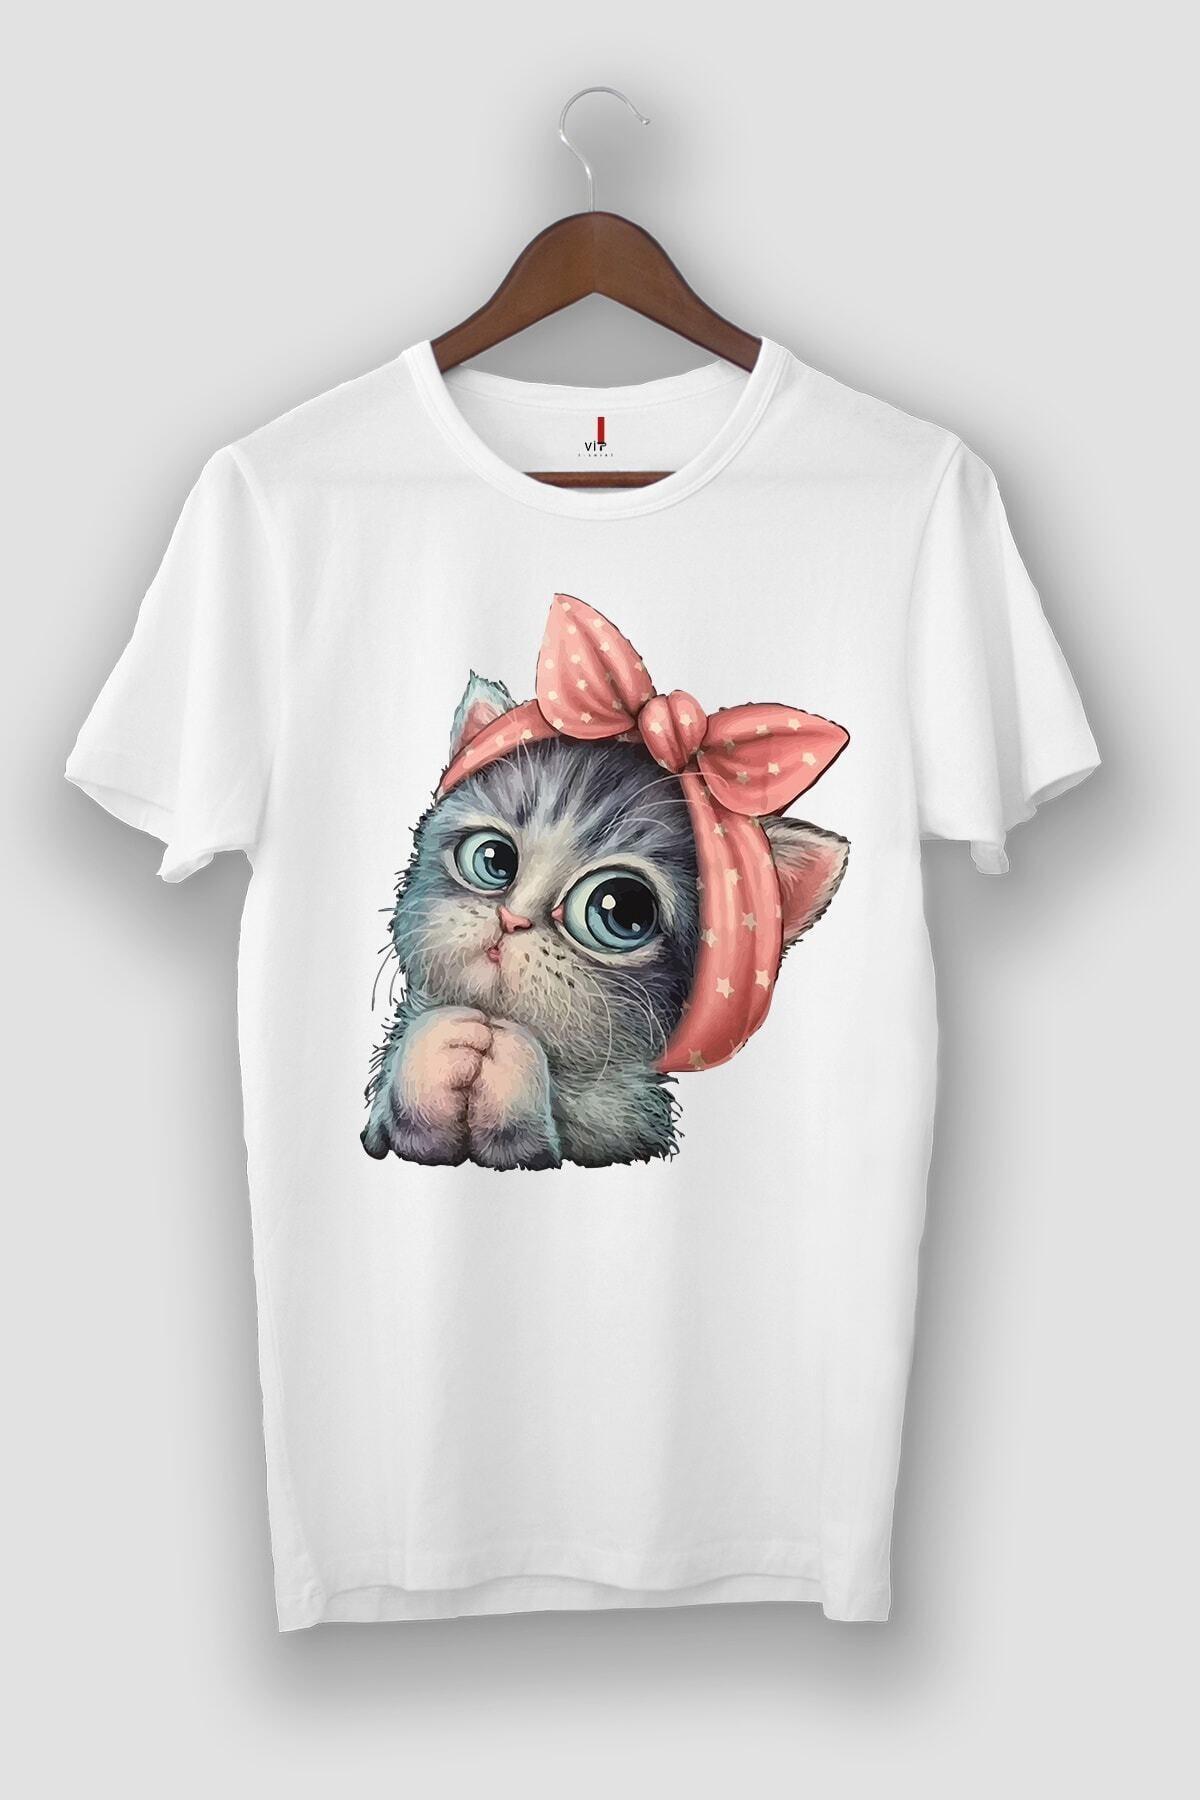 Unisex Beyaz Sevimli Minik Kedi Baskılı T-shirt